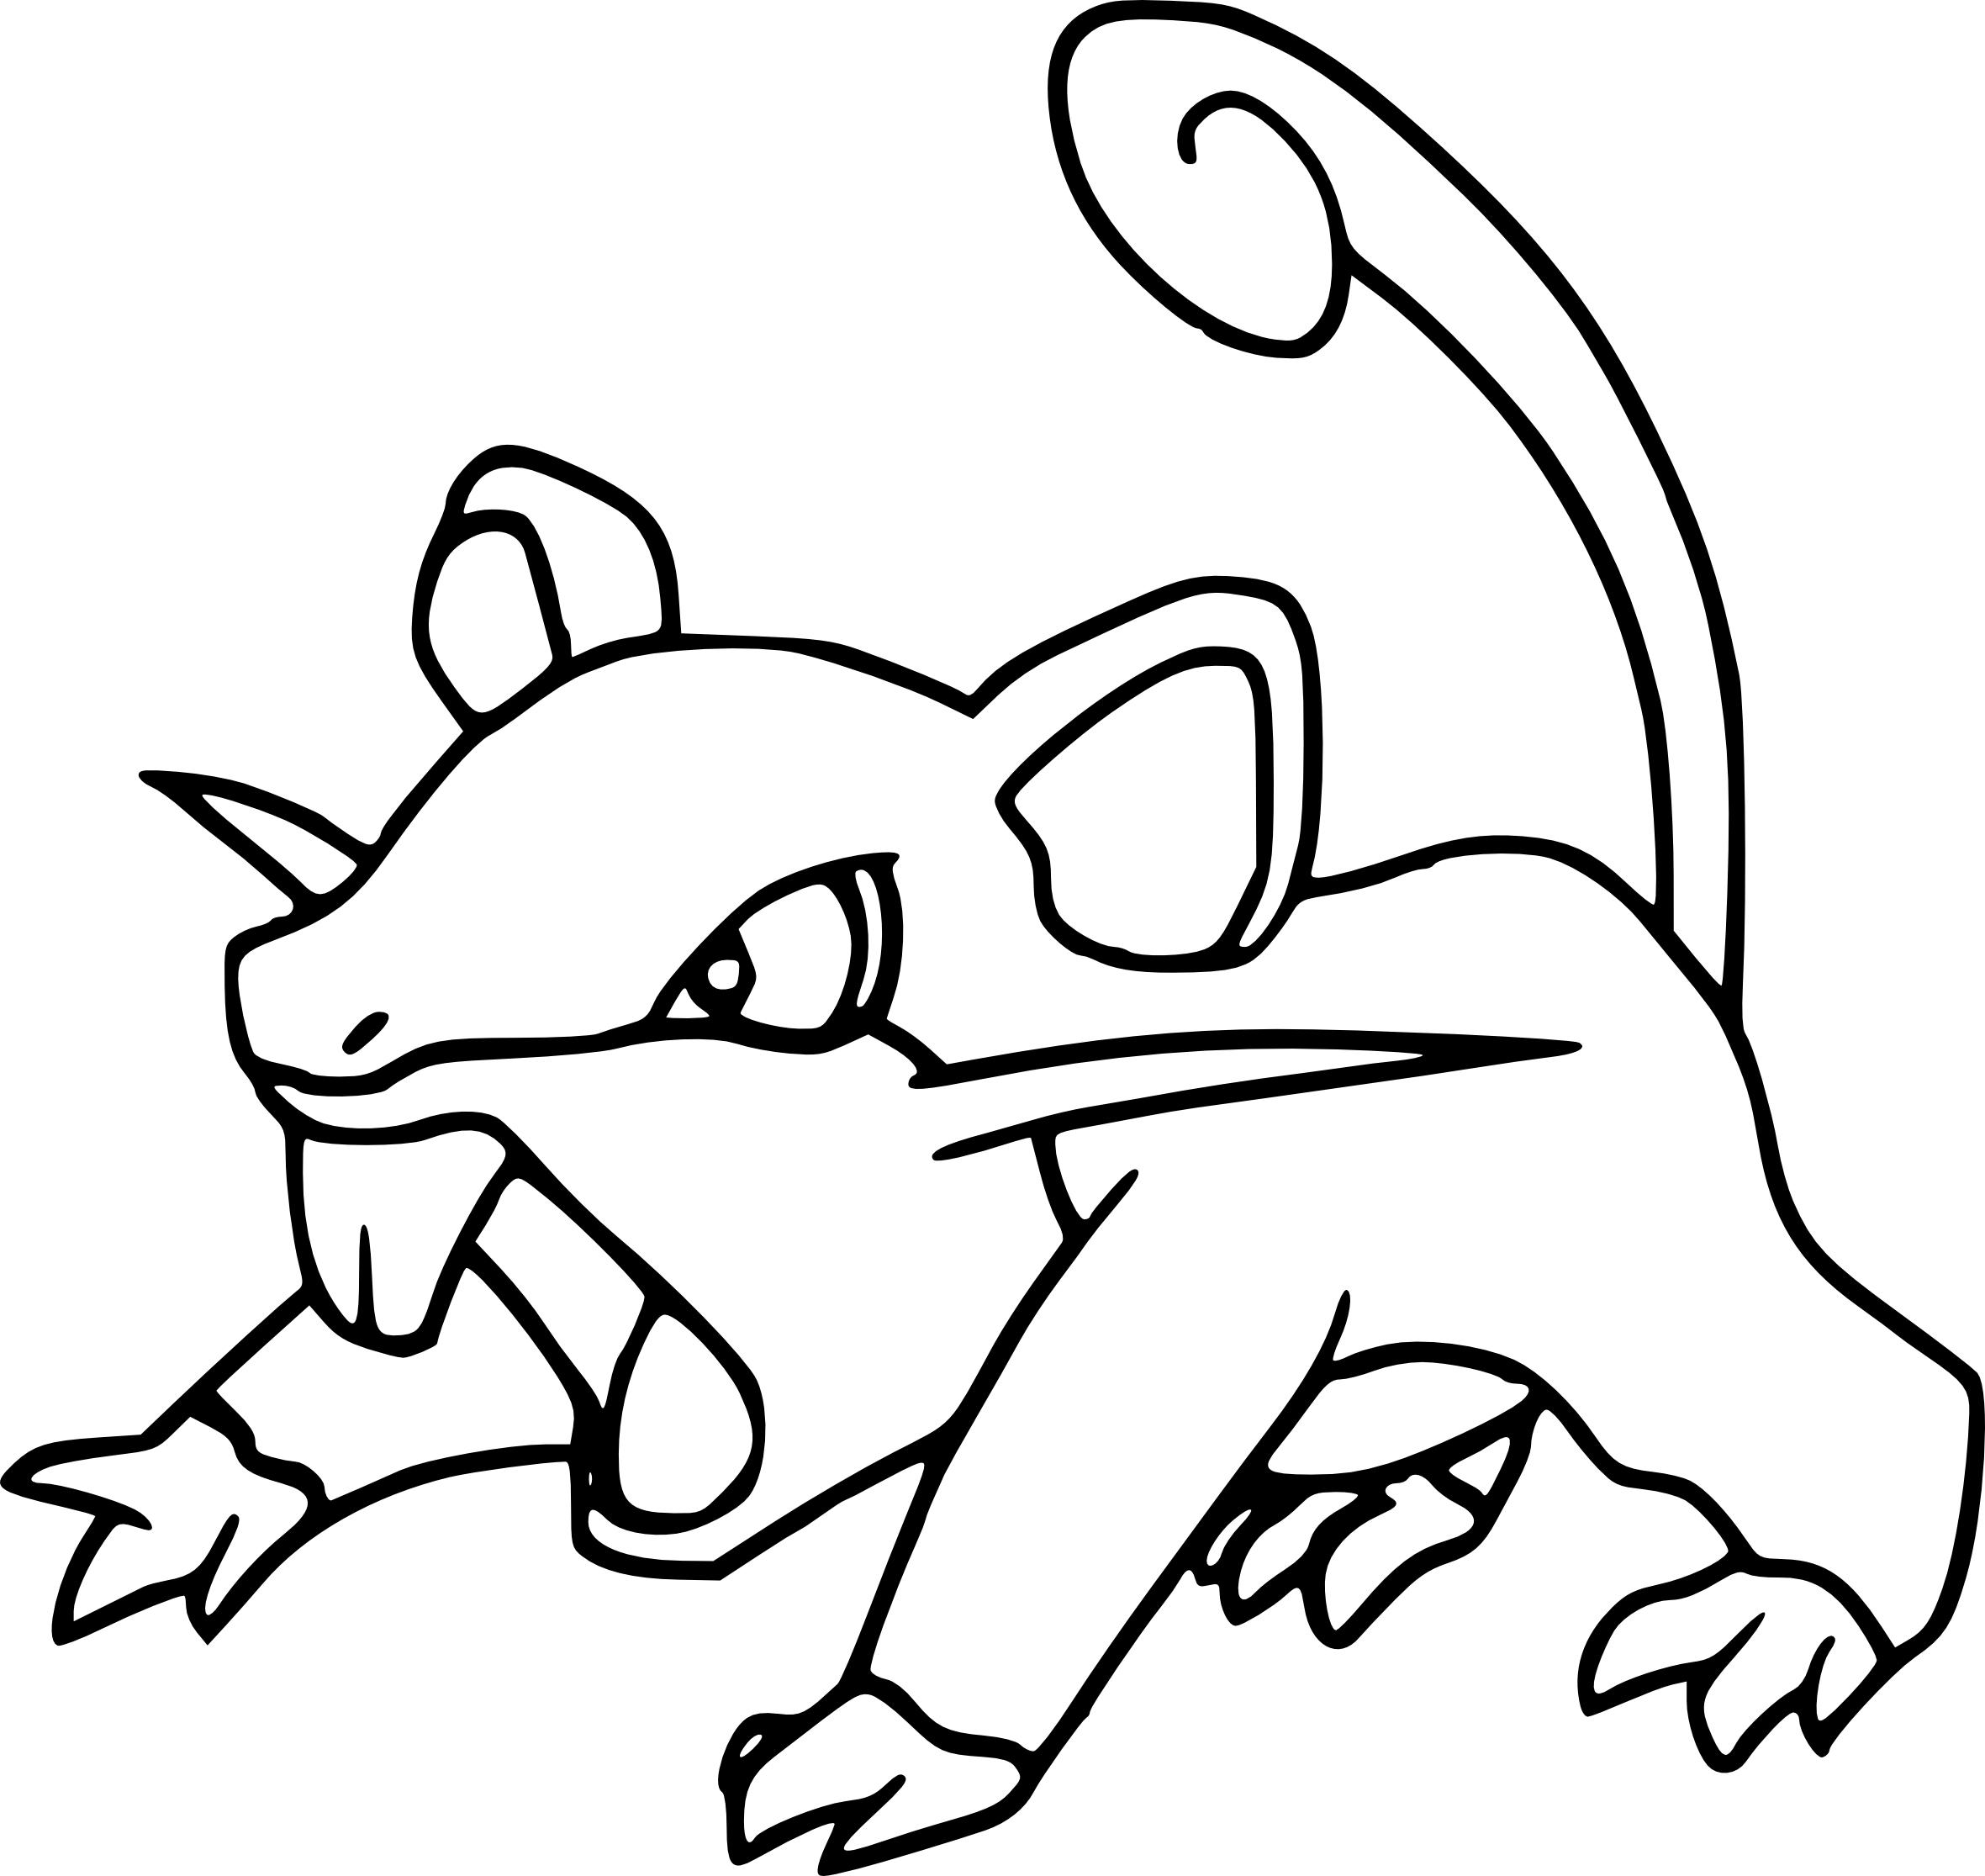 coloriage rattata pokemon